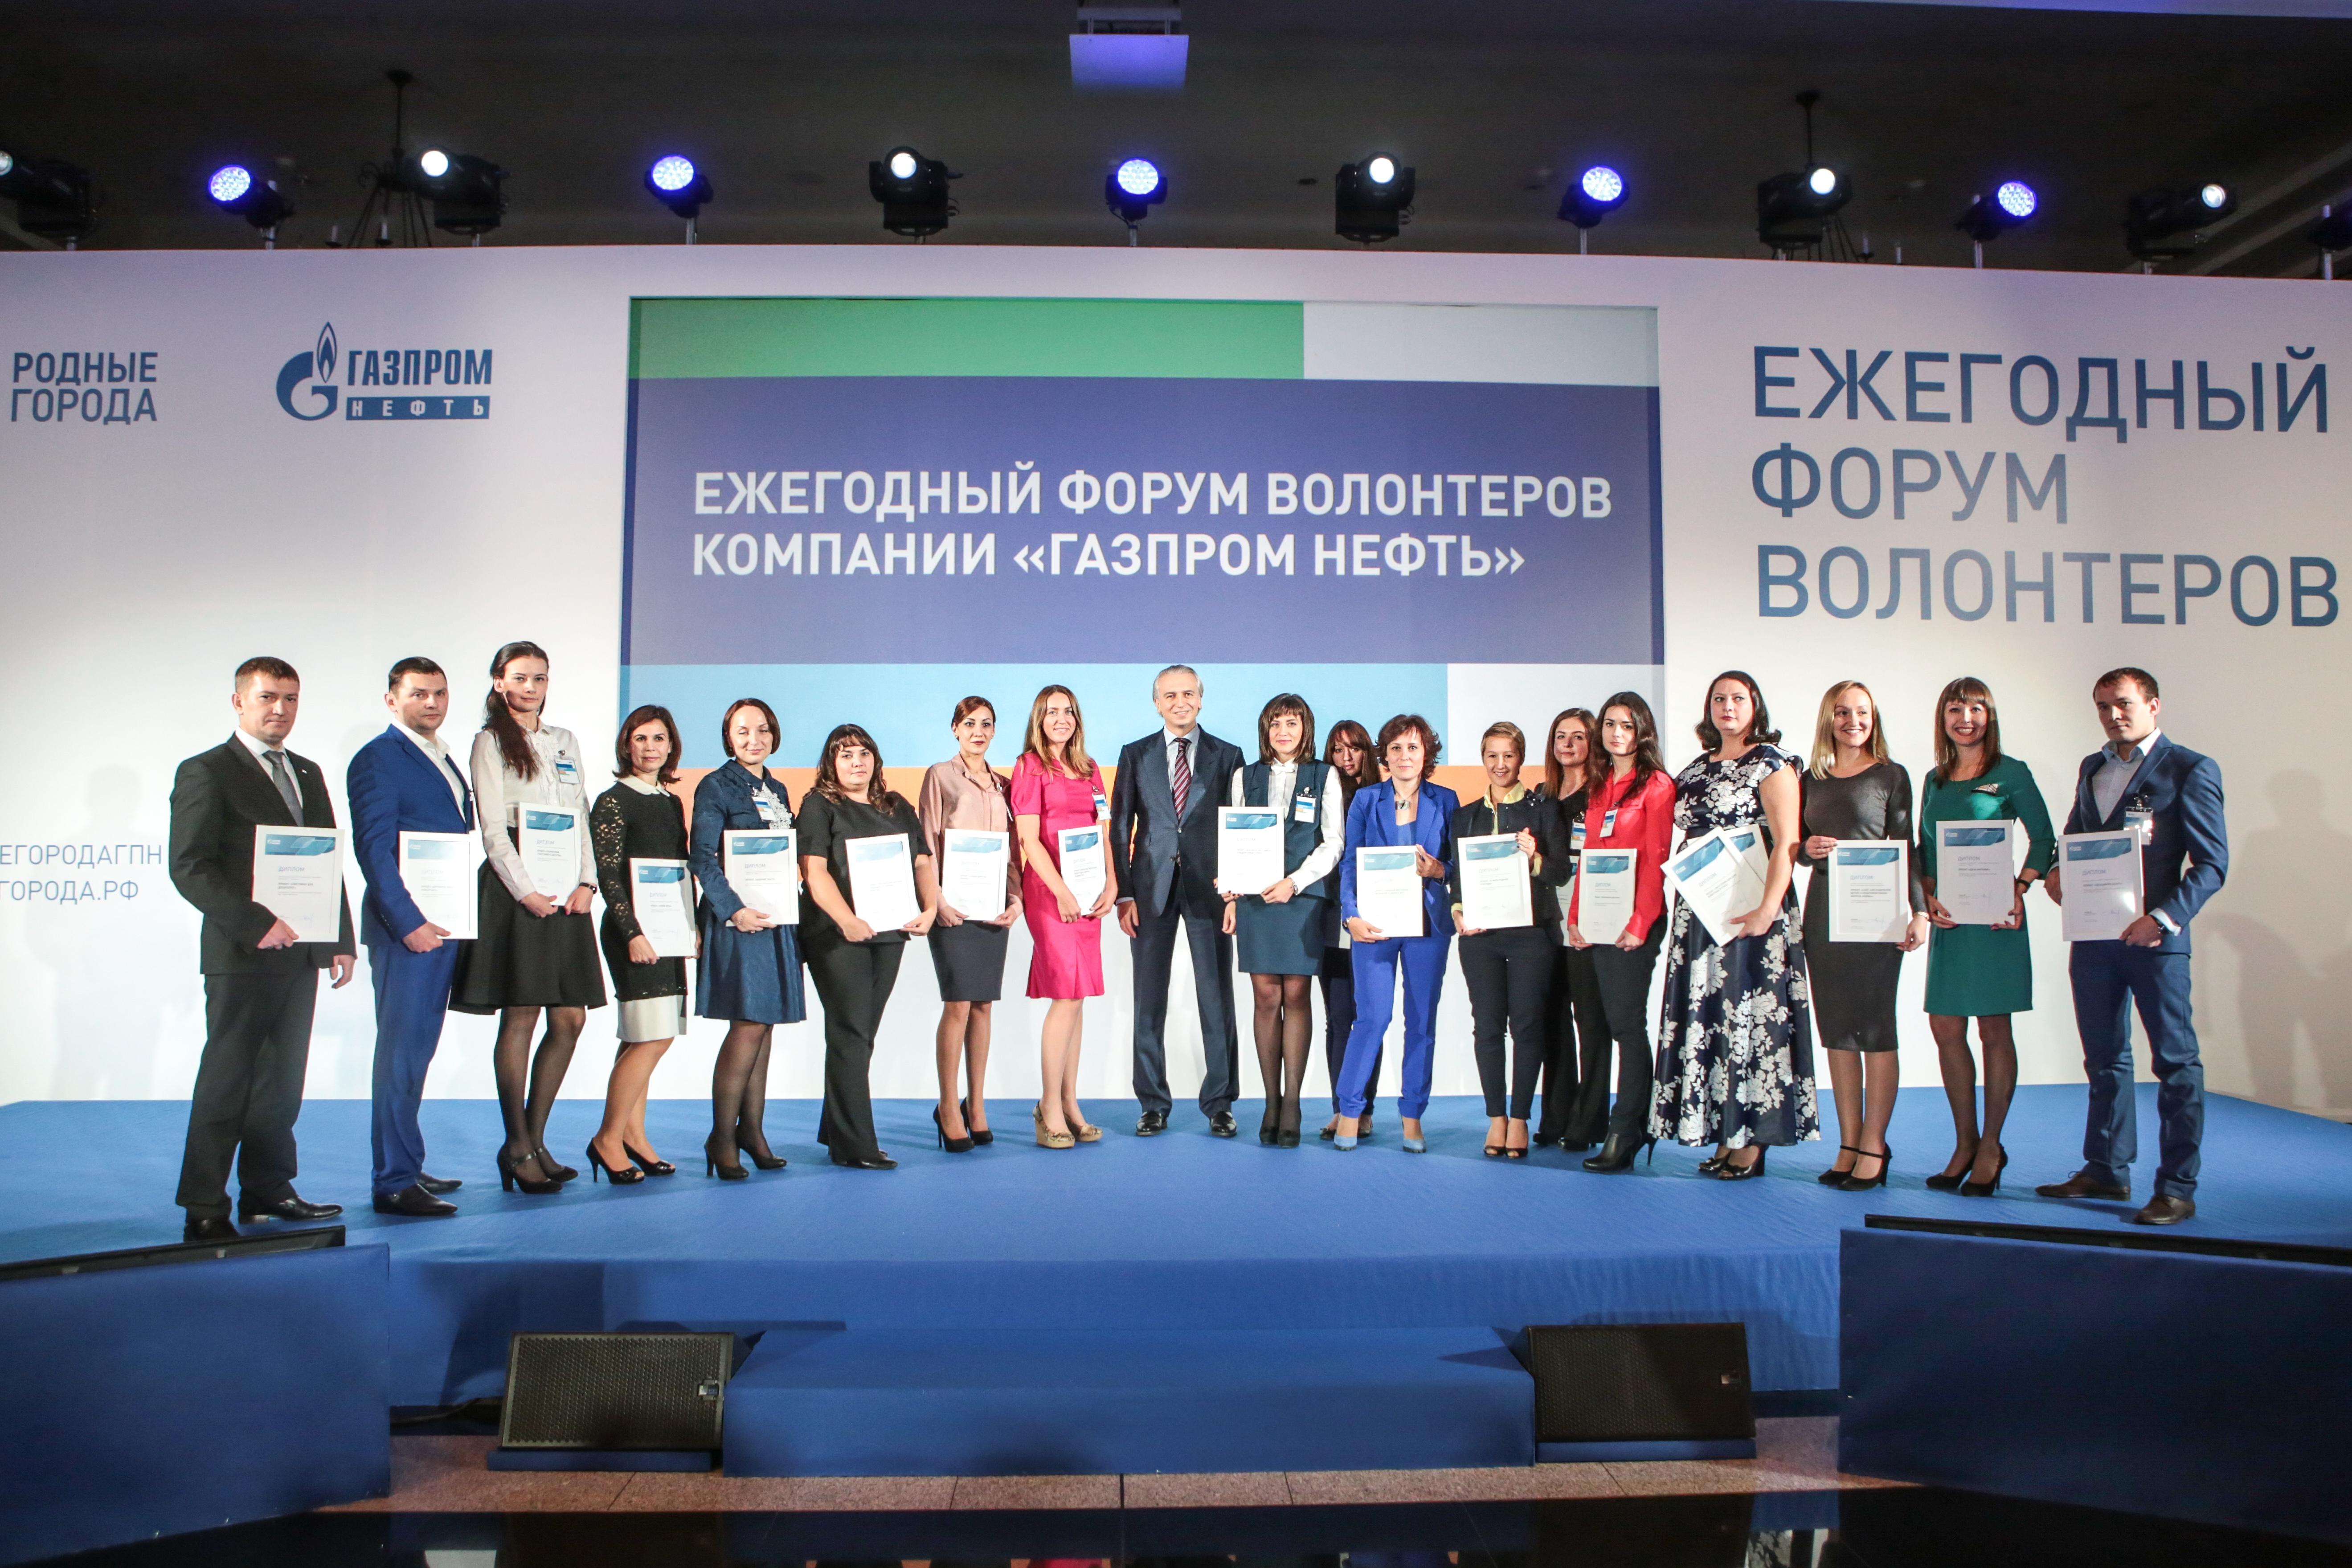 В Санкт-Петербурге состоялся ежегодный форум волонтеров «Газпром нефти»